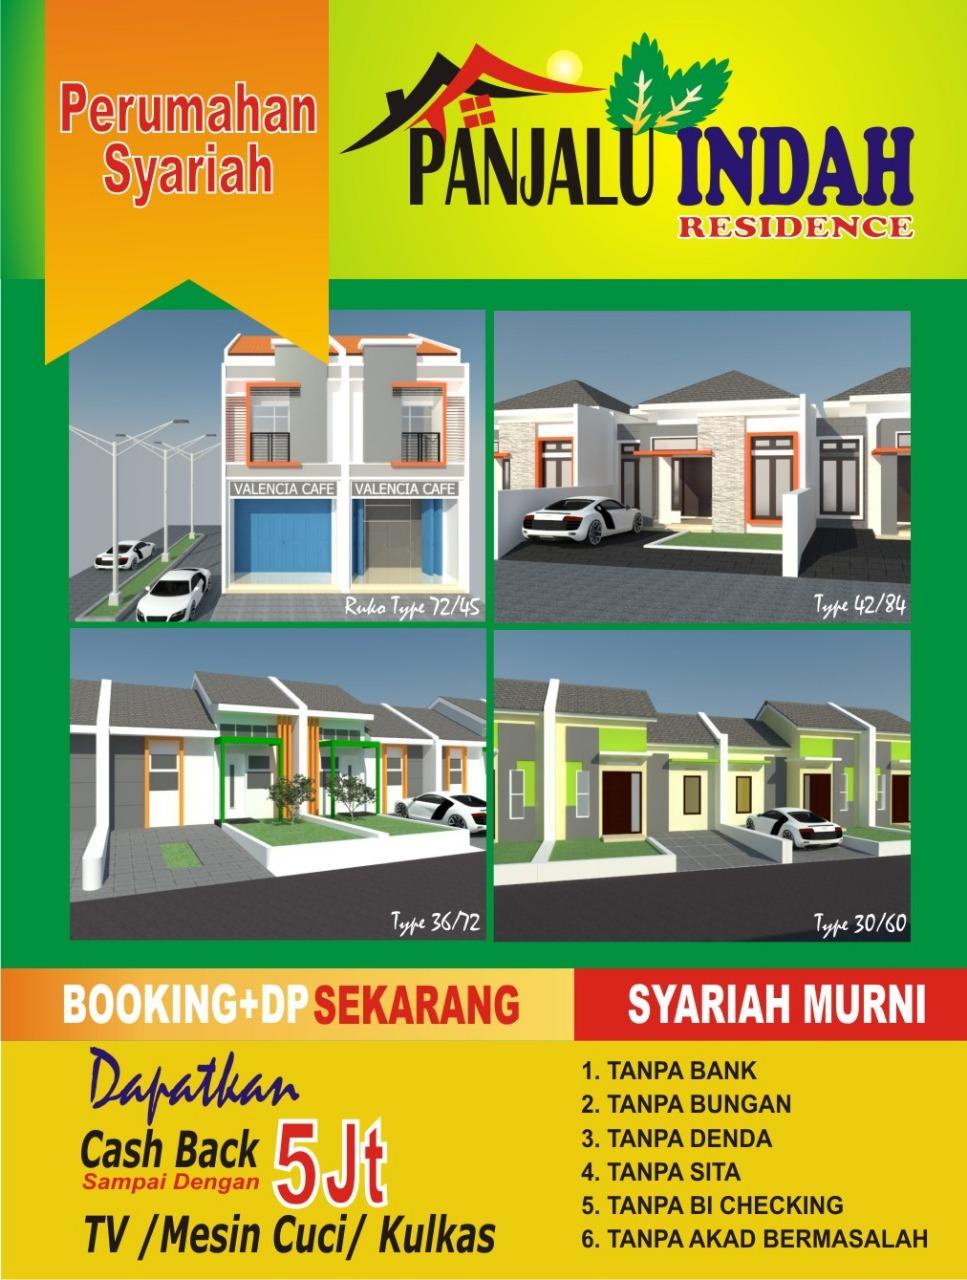 Panjalu Indah Residence